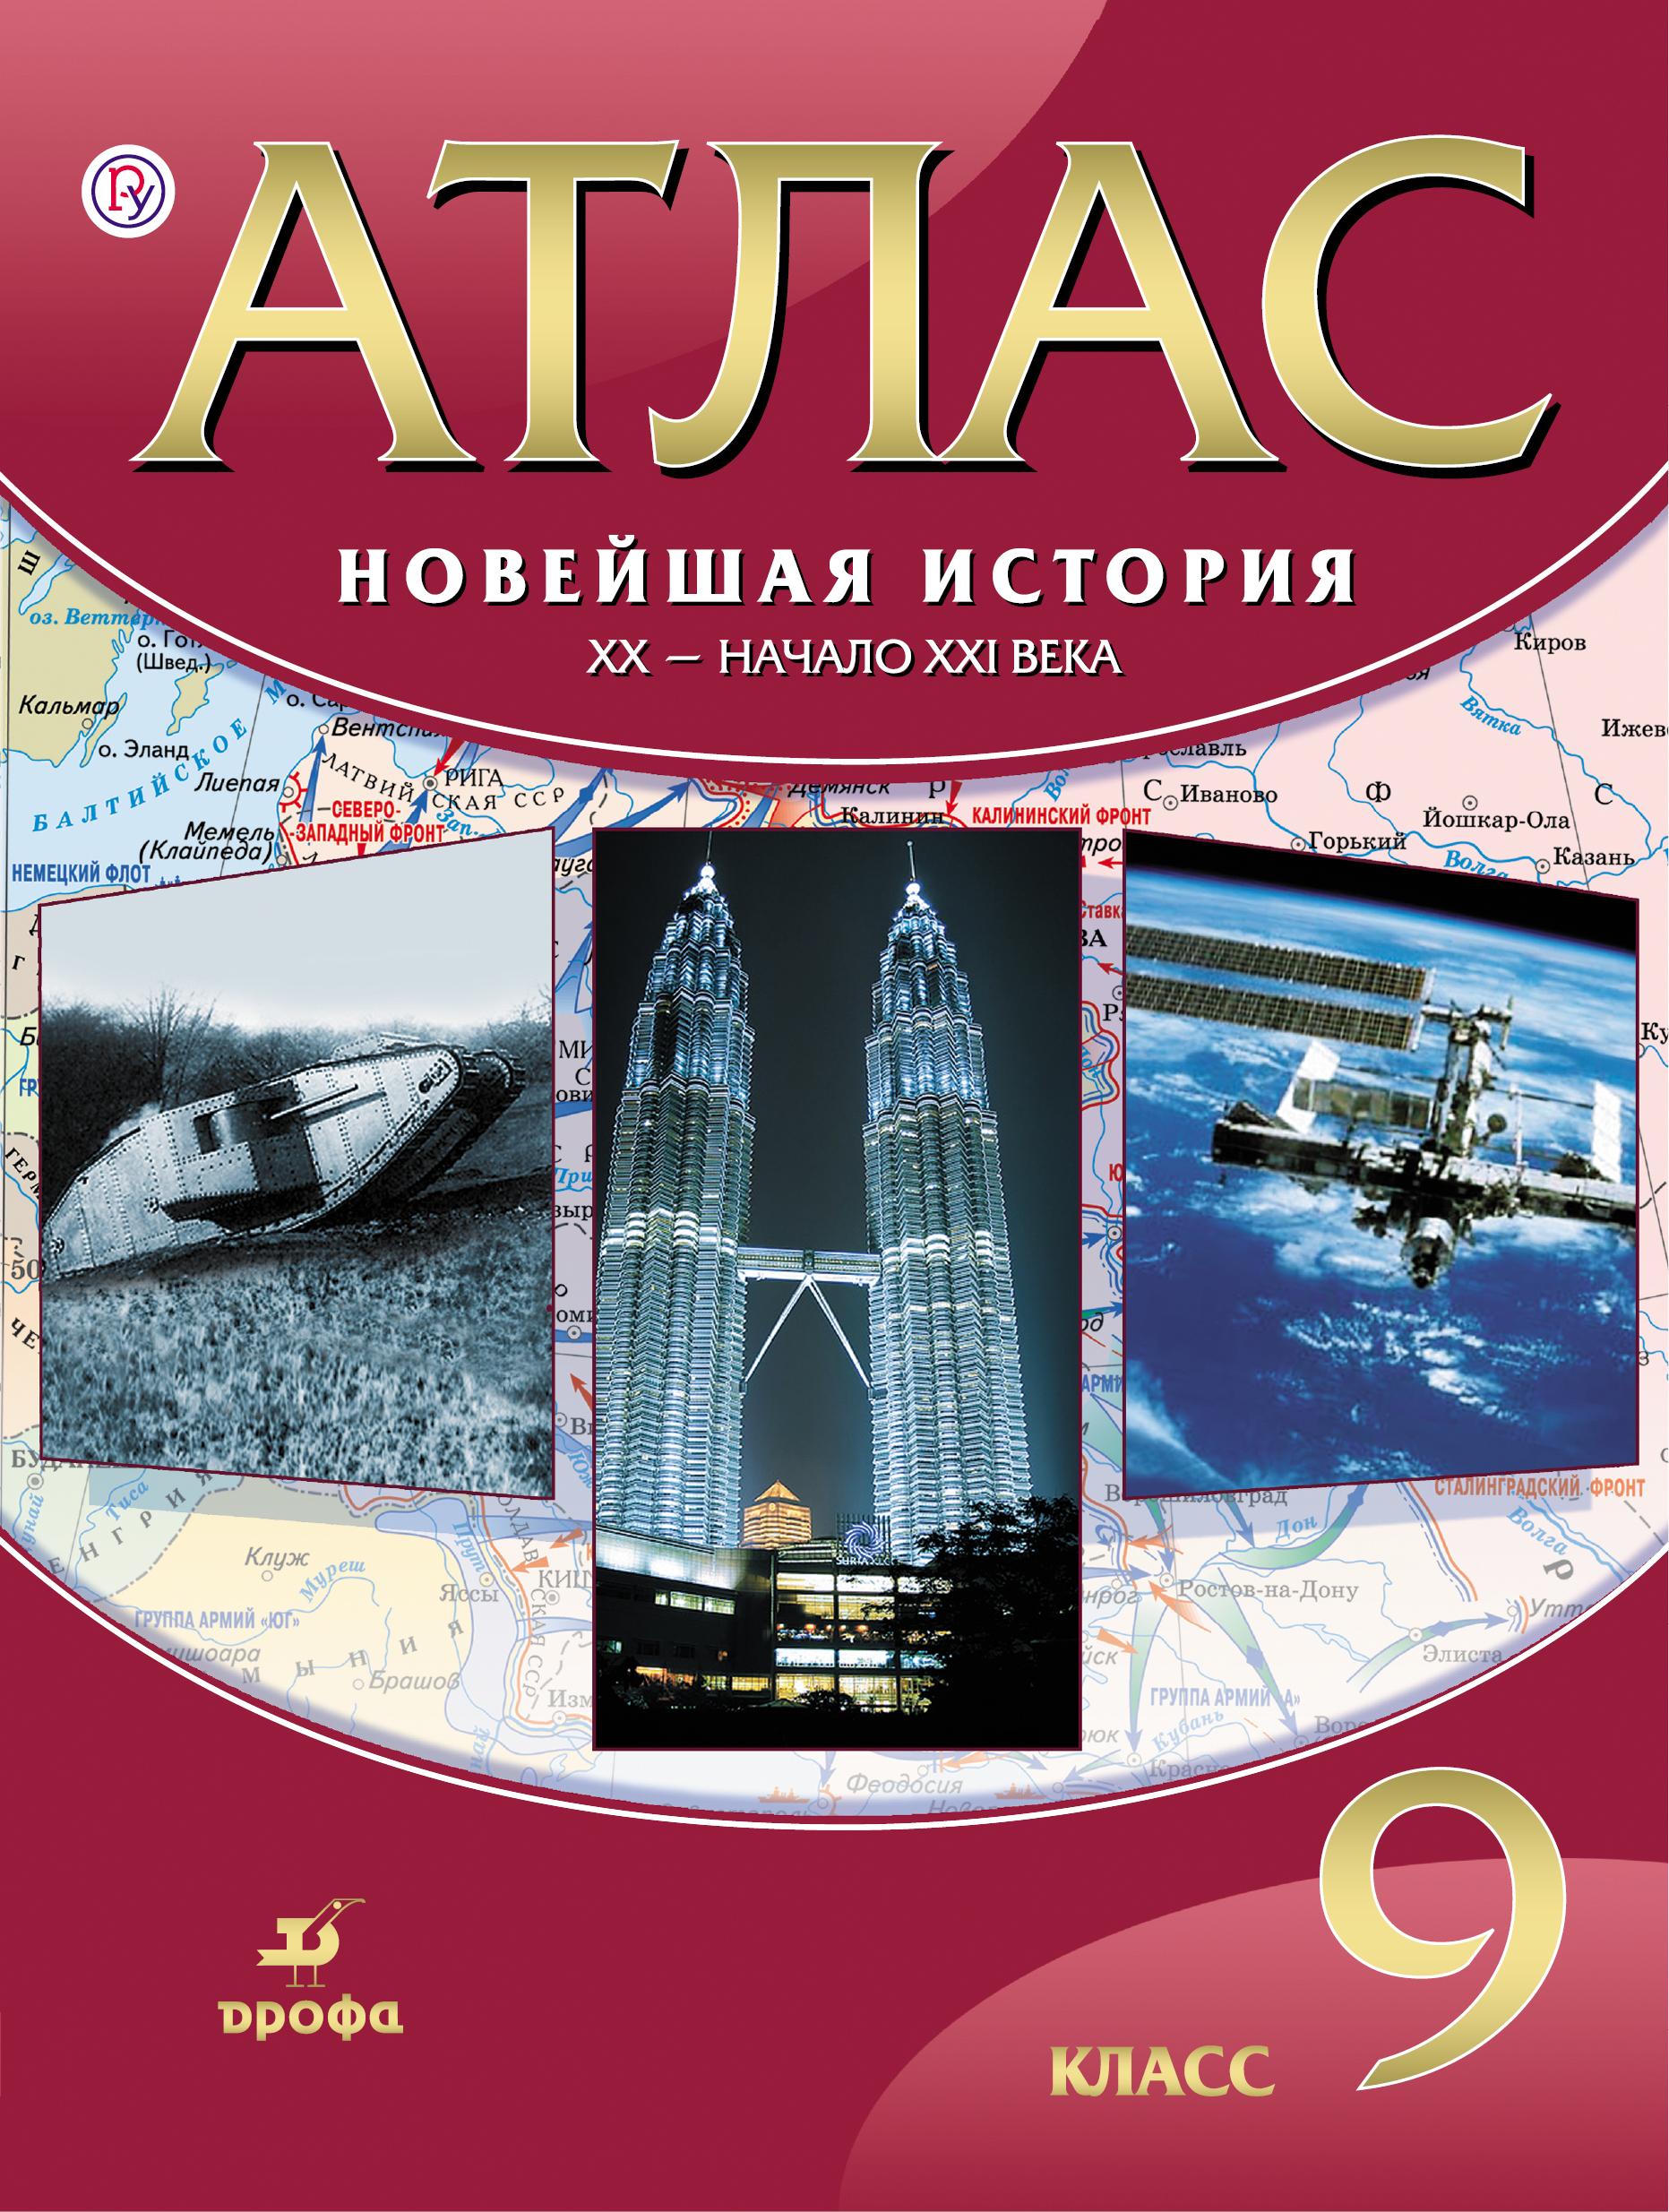 Атлас Новейшая история. ХХ-начало ХХI века. 9 класс